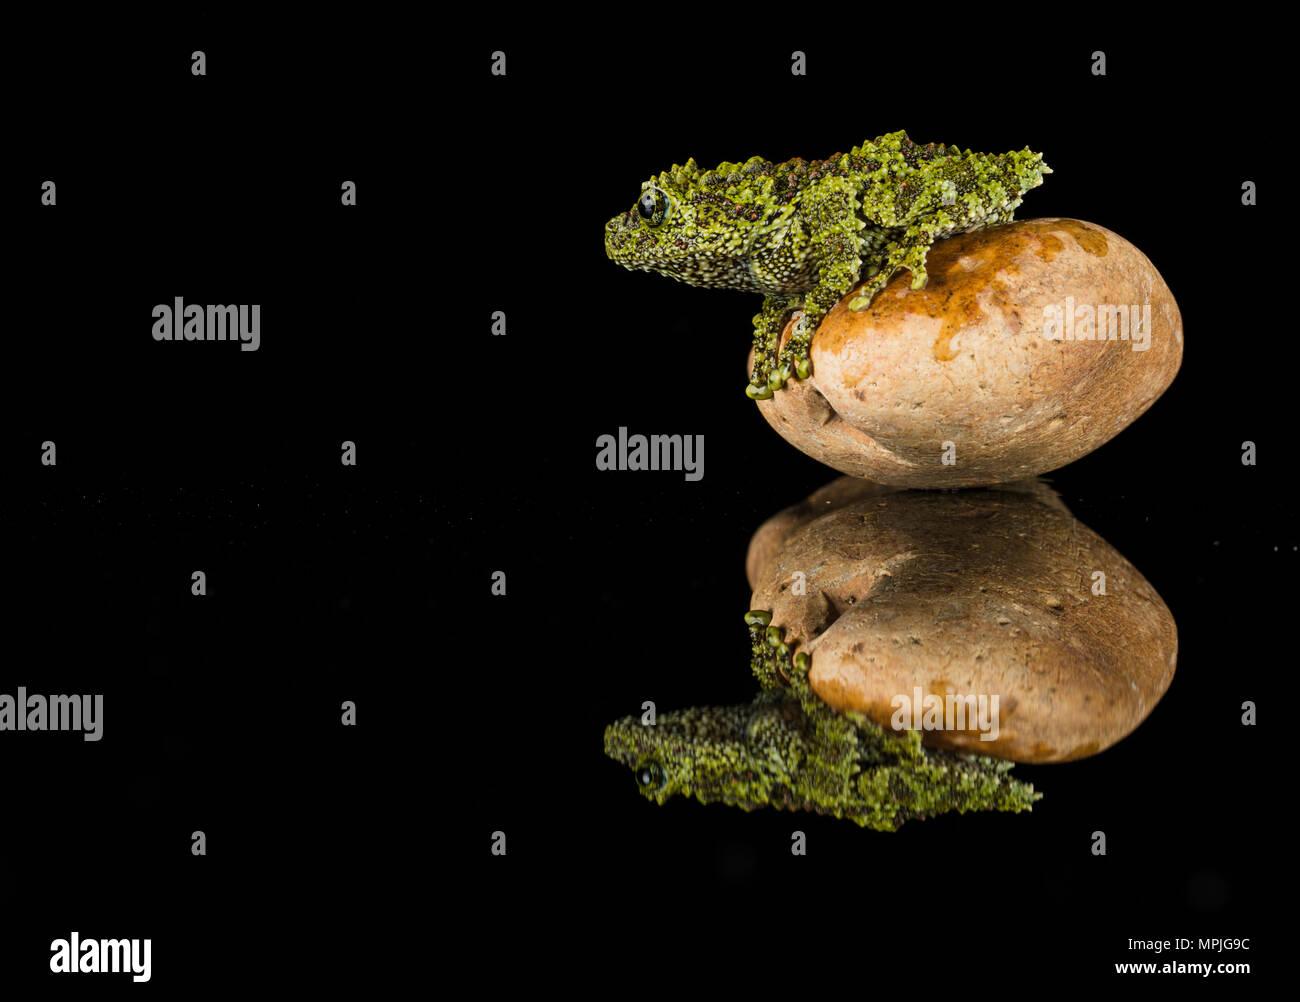 S kleine Moos Frosch auf einem Felsen in einem srudio eingerichtet, mit einer Reflexion Stockbild